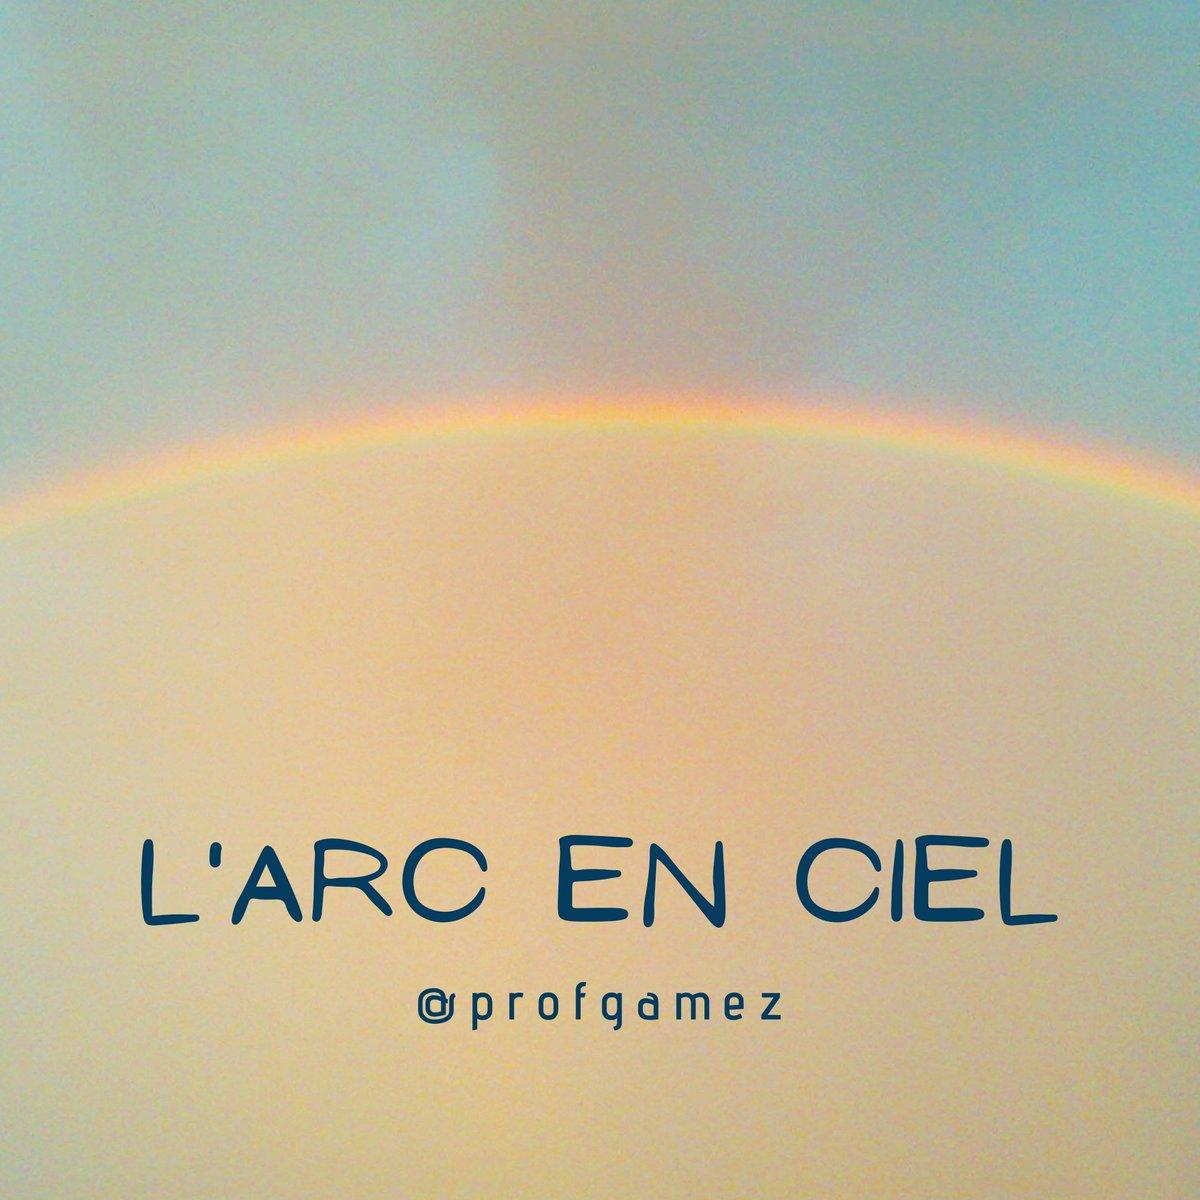 Quels sont les couleurs de l'arc en ciel ? #fle #francais #french #frances #francophonie #langues #languages #idiomas #photographie #photography #fotografia #photooftheday #picoftheday #arcenciel #arcoiris #rainbow #colours #couleurs #colorespic.twitter.com/LfTZAMTKXm